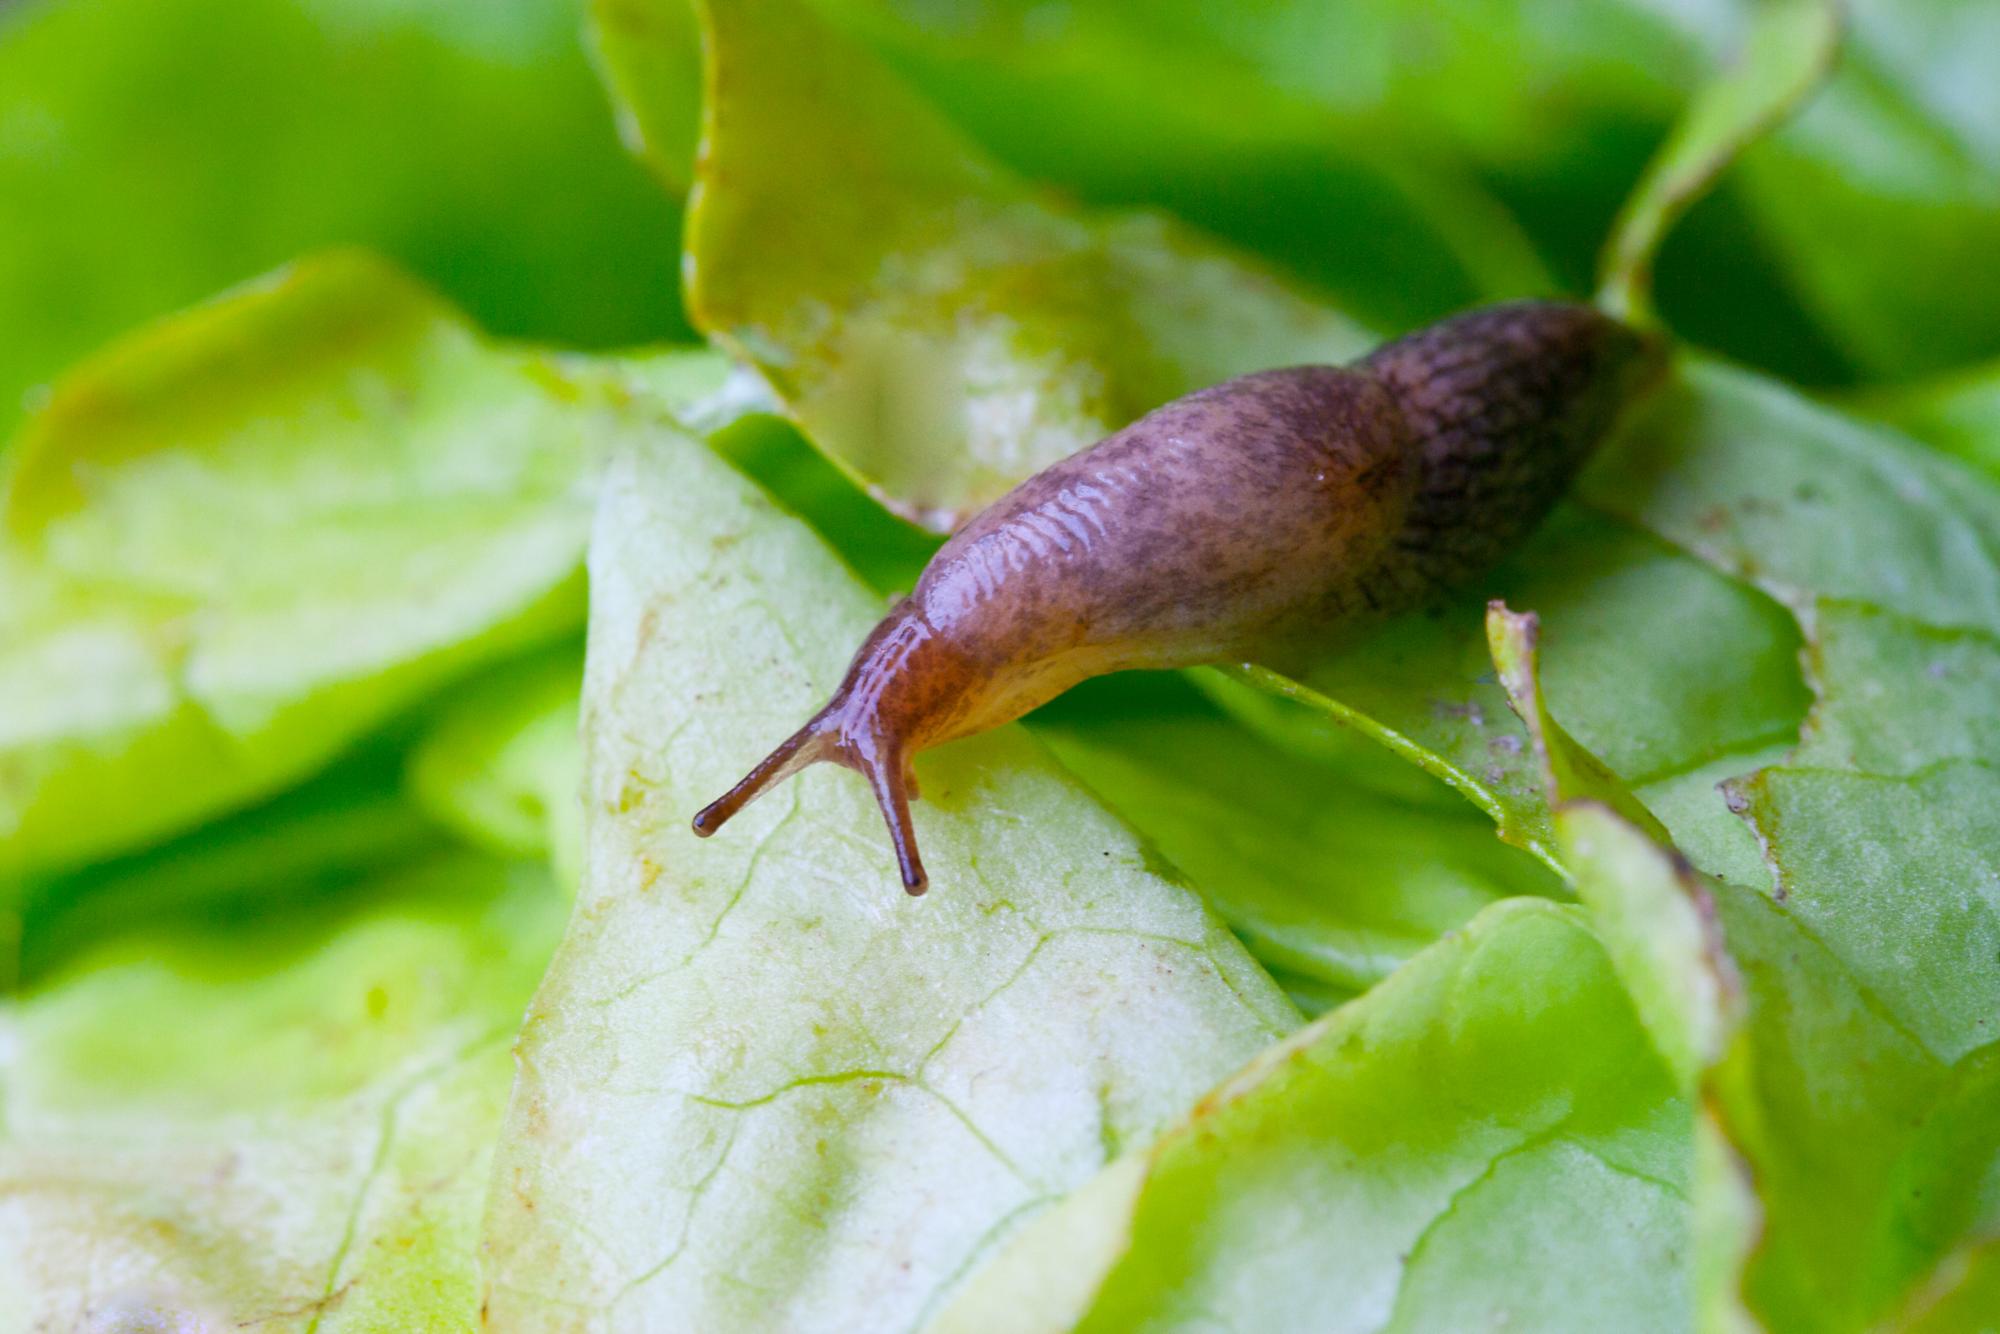 Slug eating lettuce